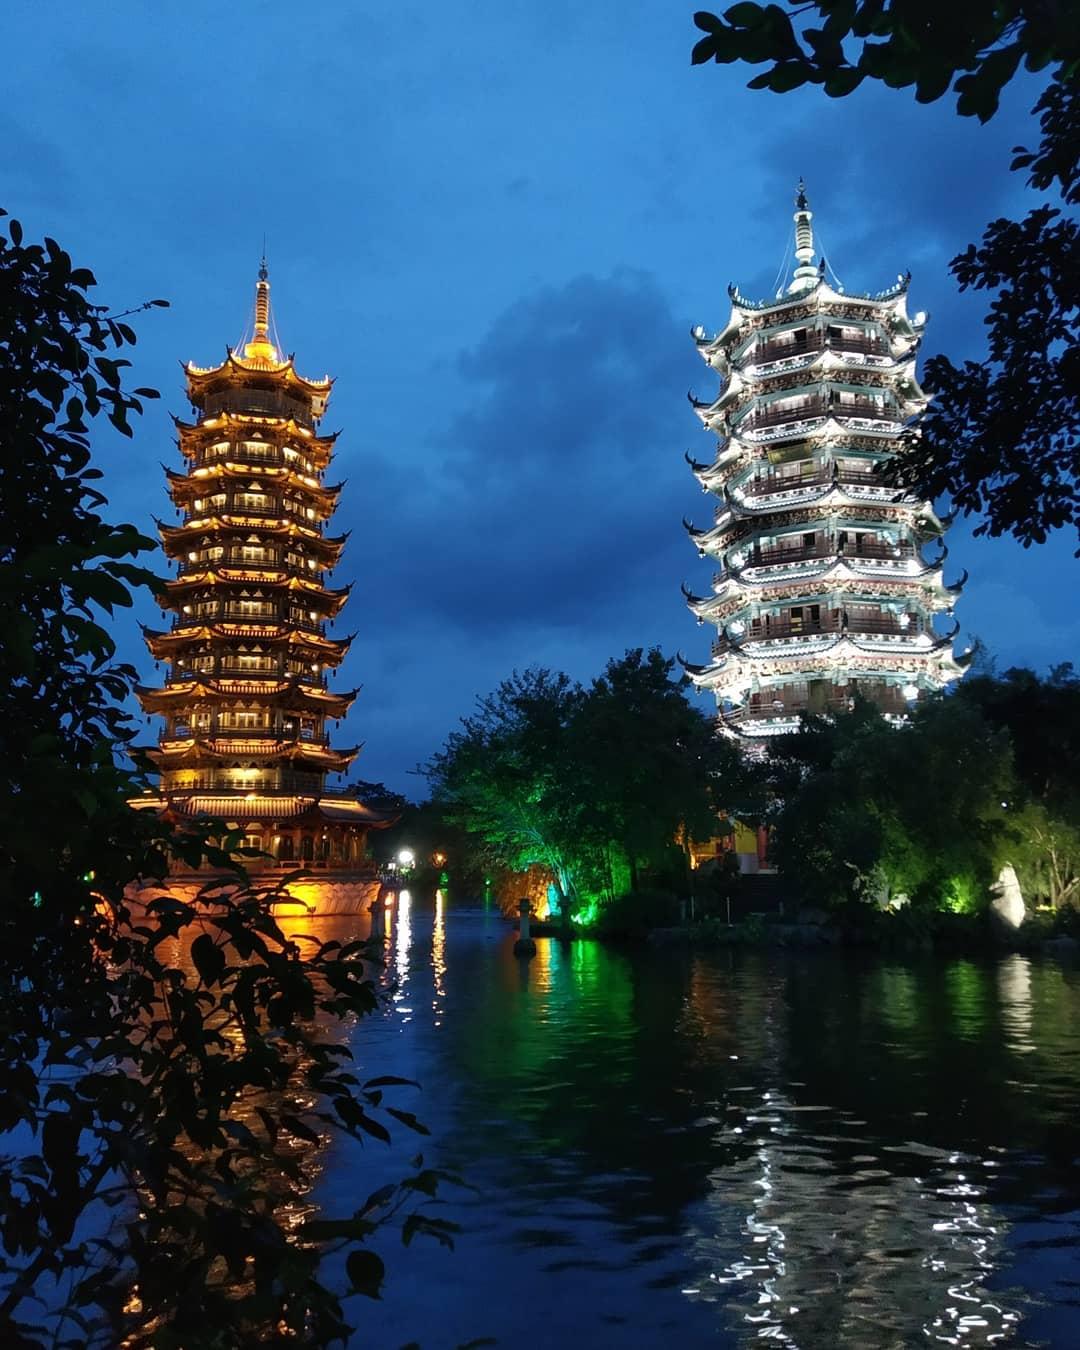 Nhật Nguyệt song tháp, Quế Lâm, khu tự trị dân tộc Choang Quảng Tây, Trung Quốc